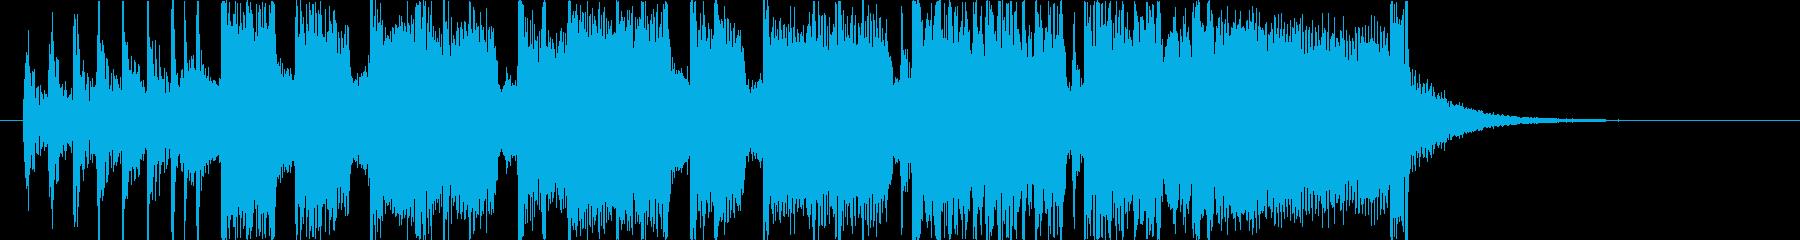 緊迫した重めのロック15秒バージョンの再生済みの波形